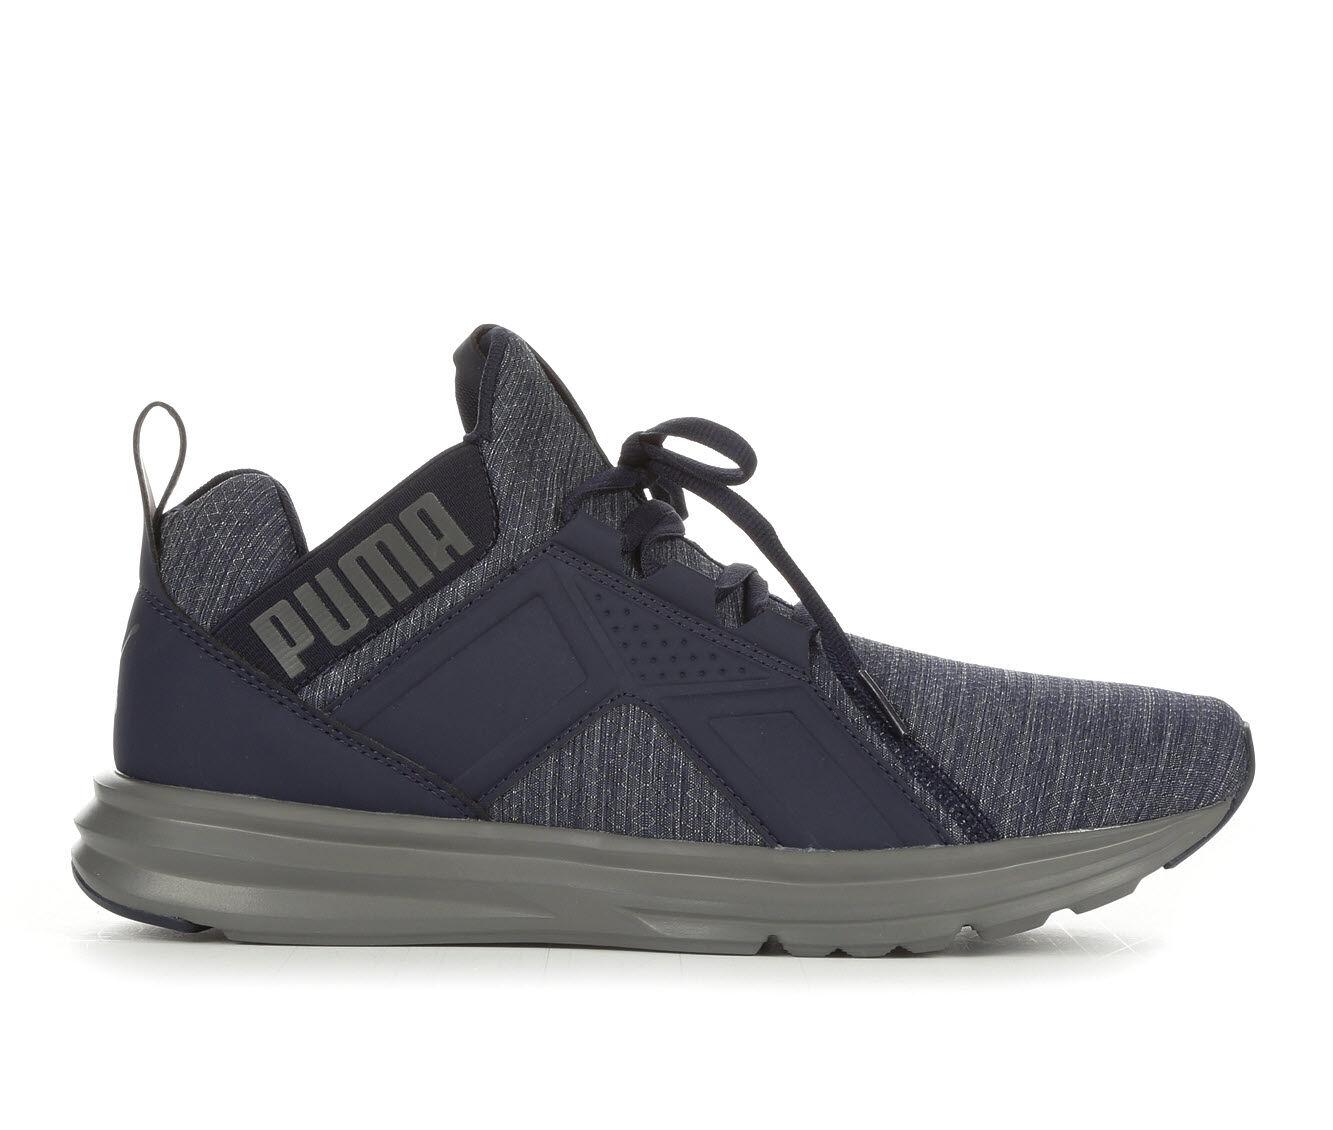 Men's Puma Enzo Heather Ripstop Sneakers Navy